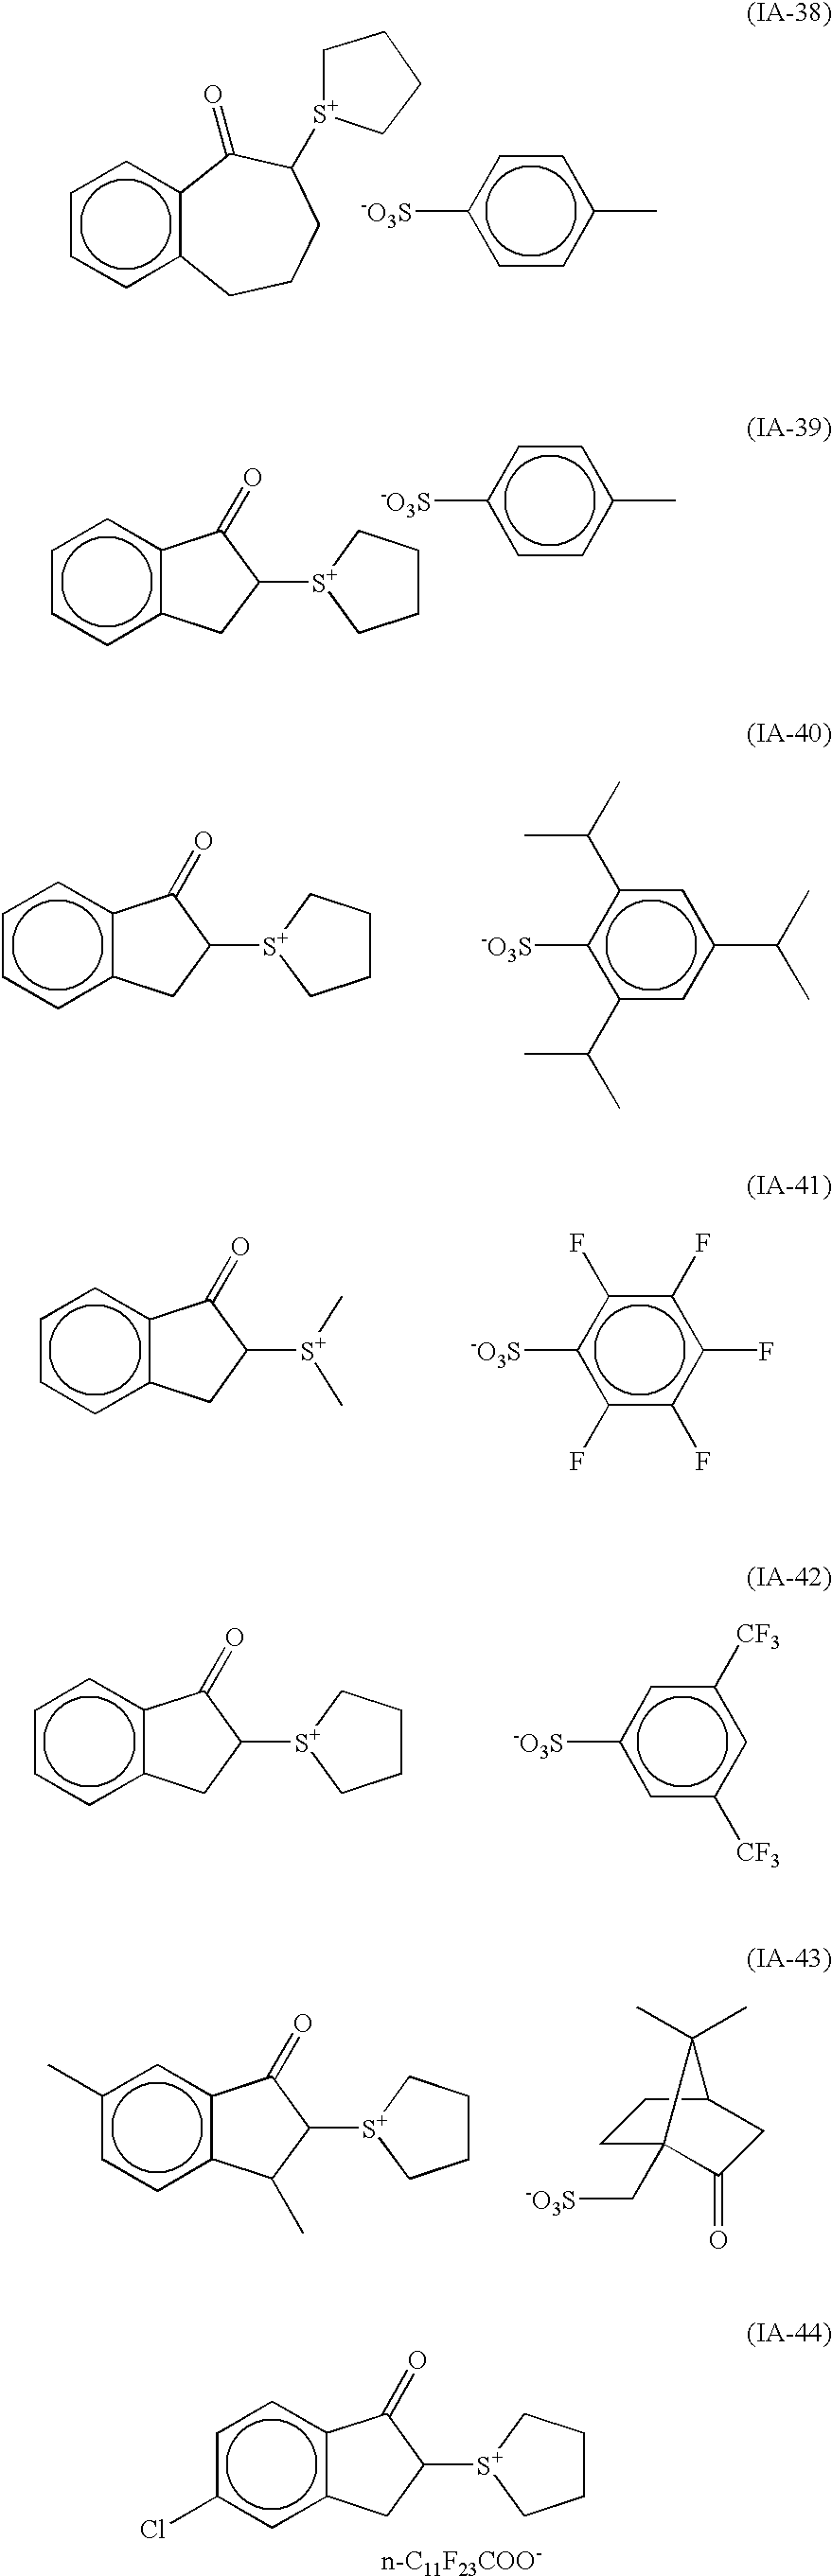 Figure US20030186161A1-20031002-C00025